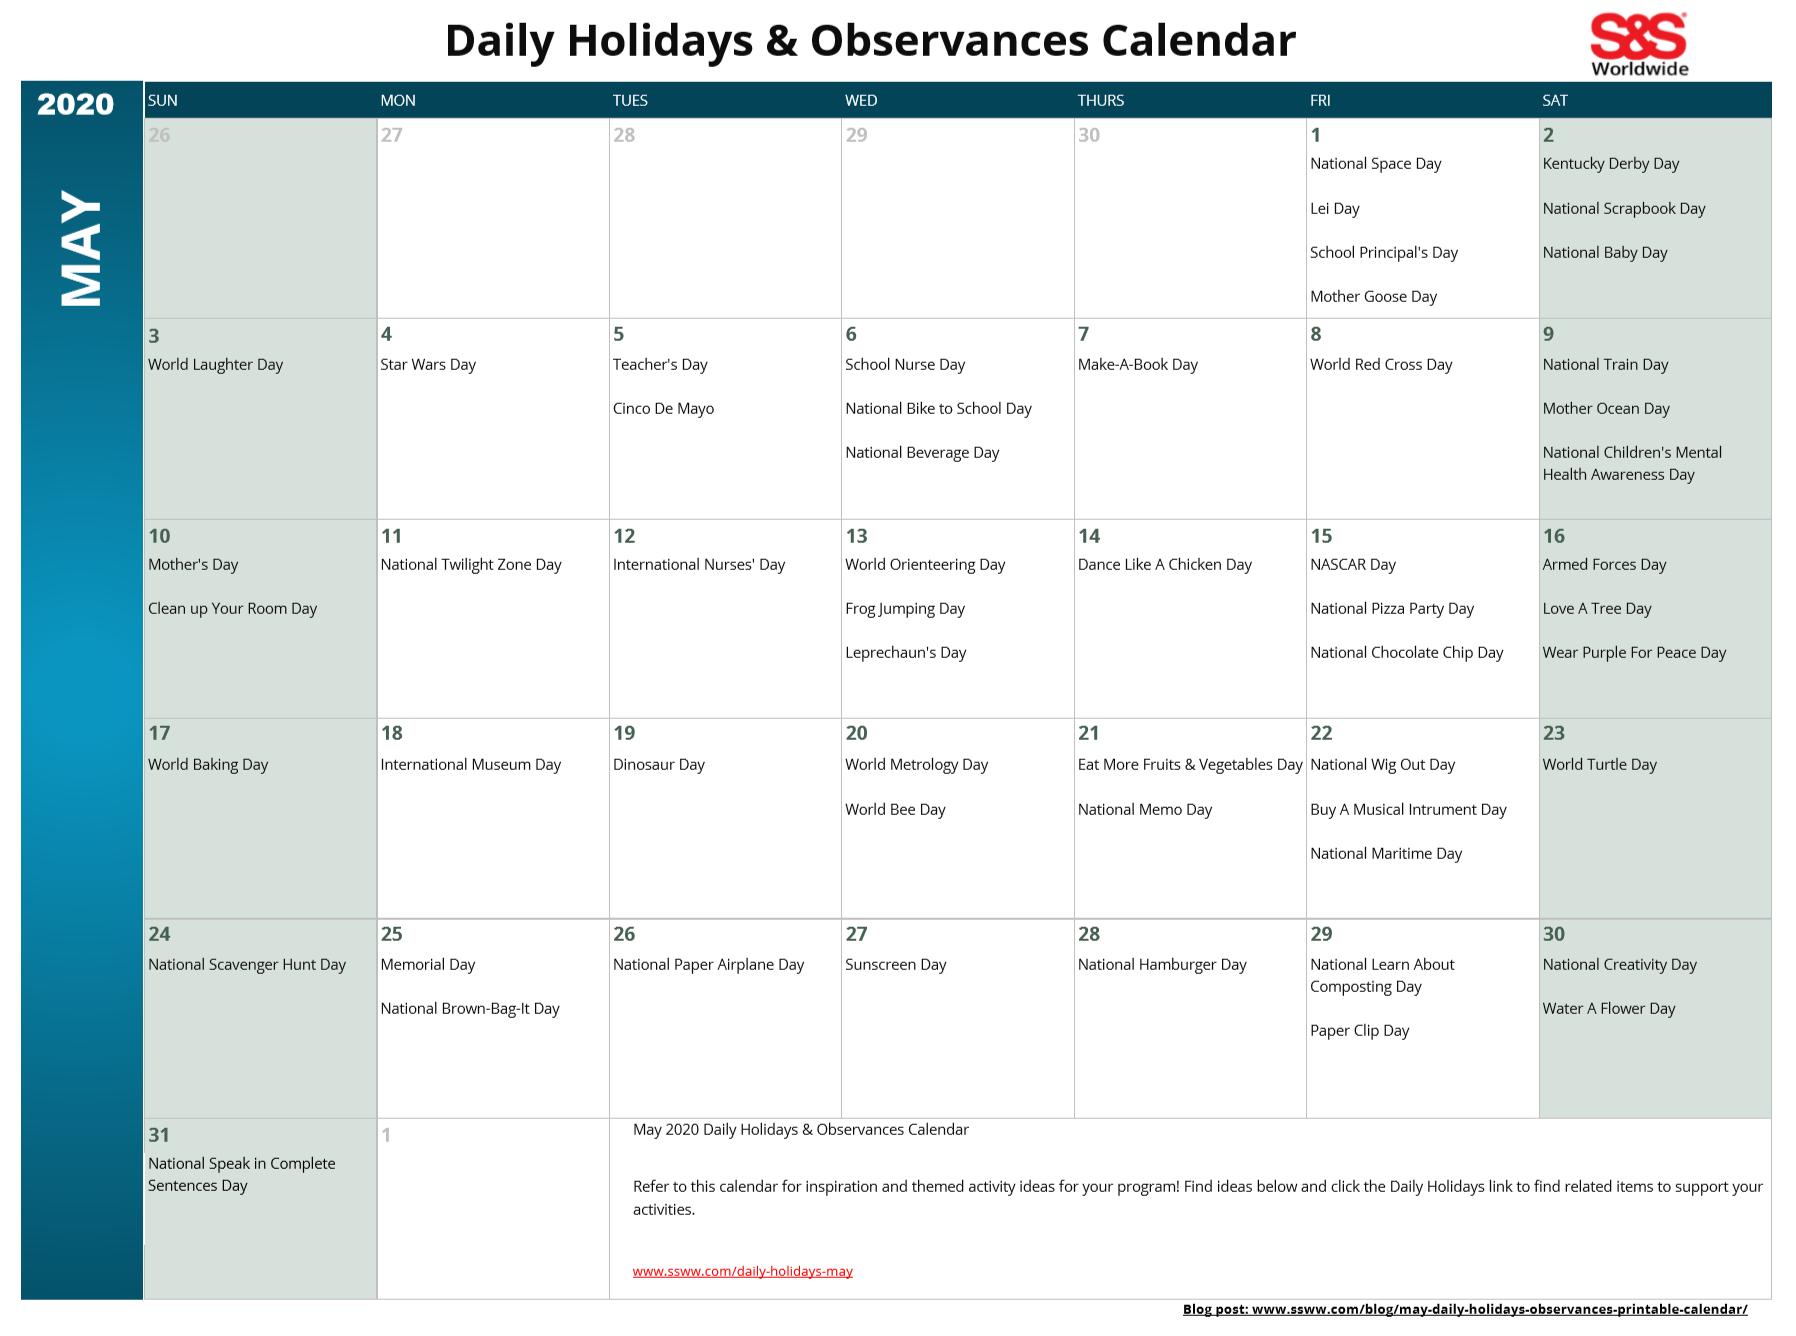 May 2020 Printable Daily Holidays Calendar